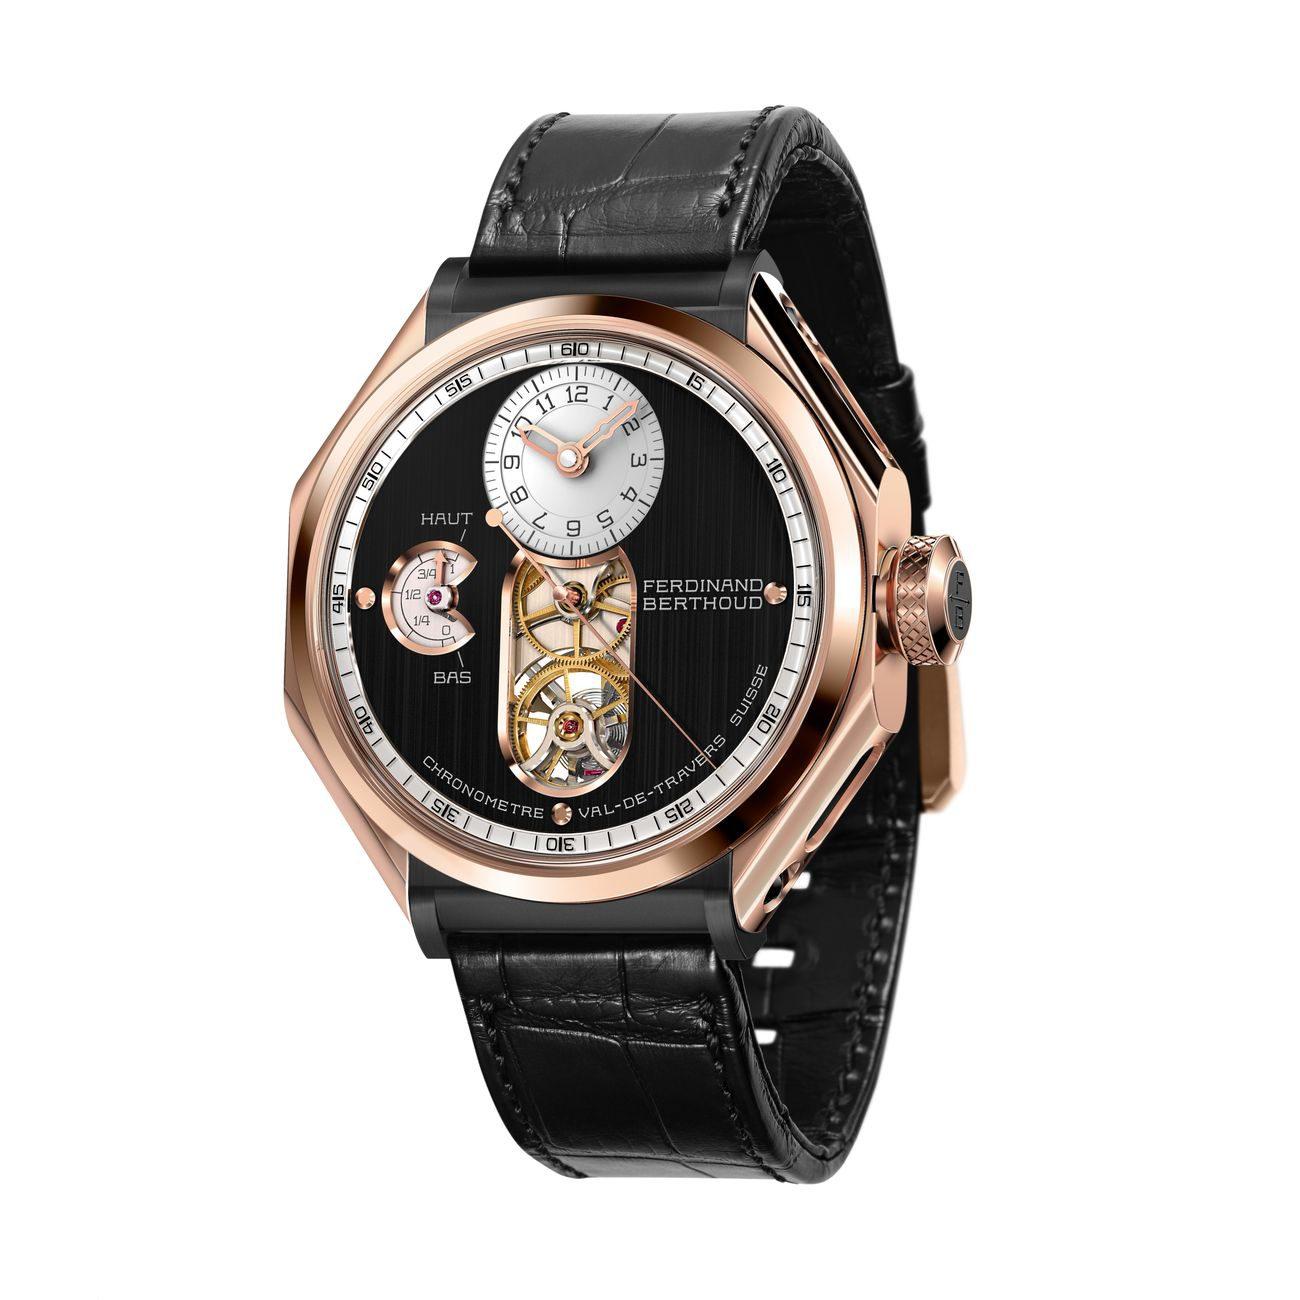 Ferdinand Berthoud: the return of a marine chronometer ...